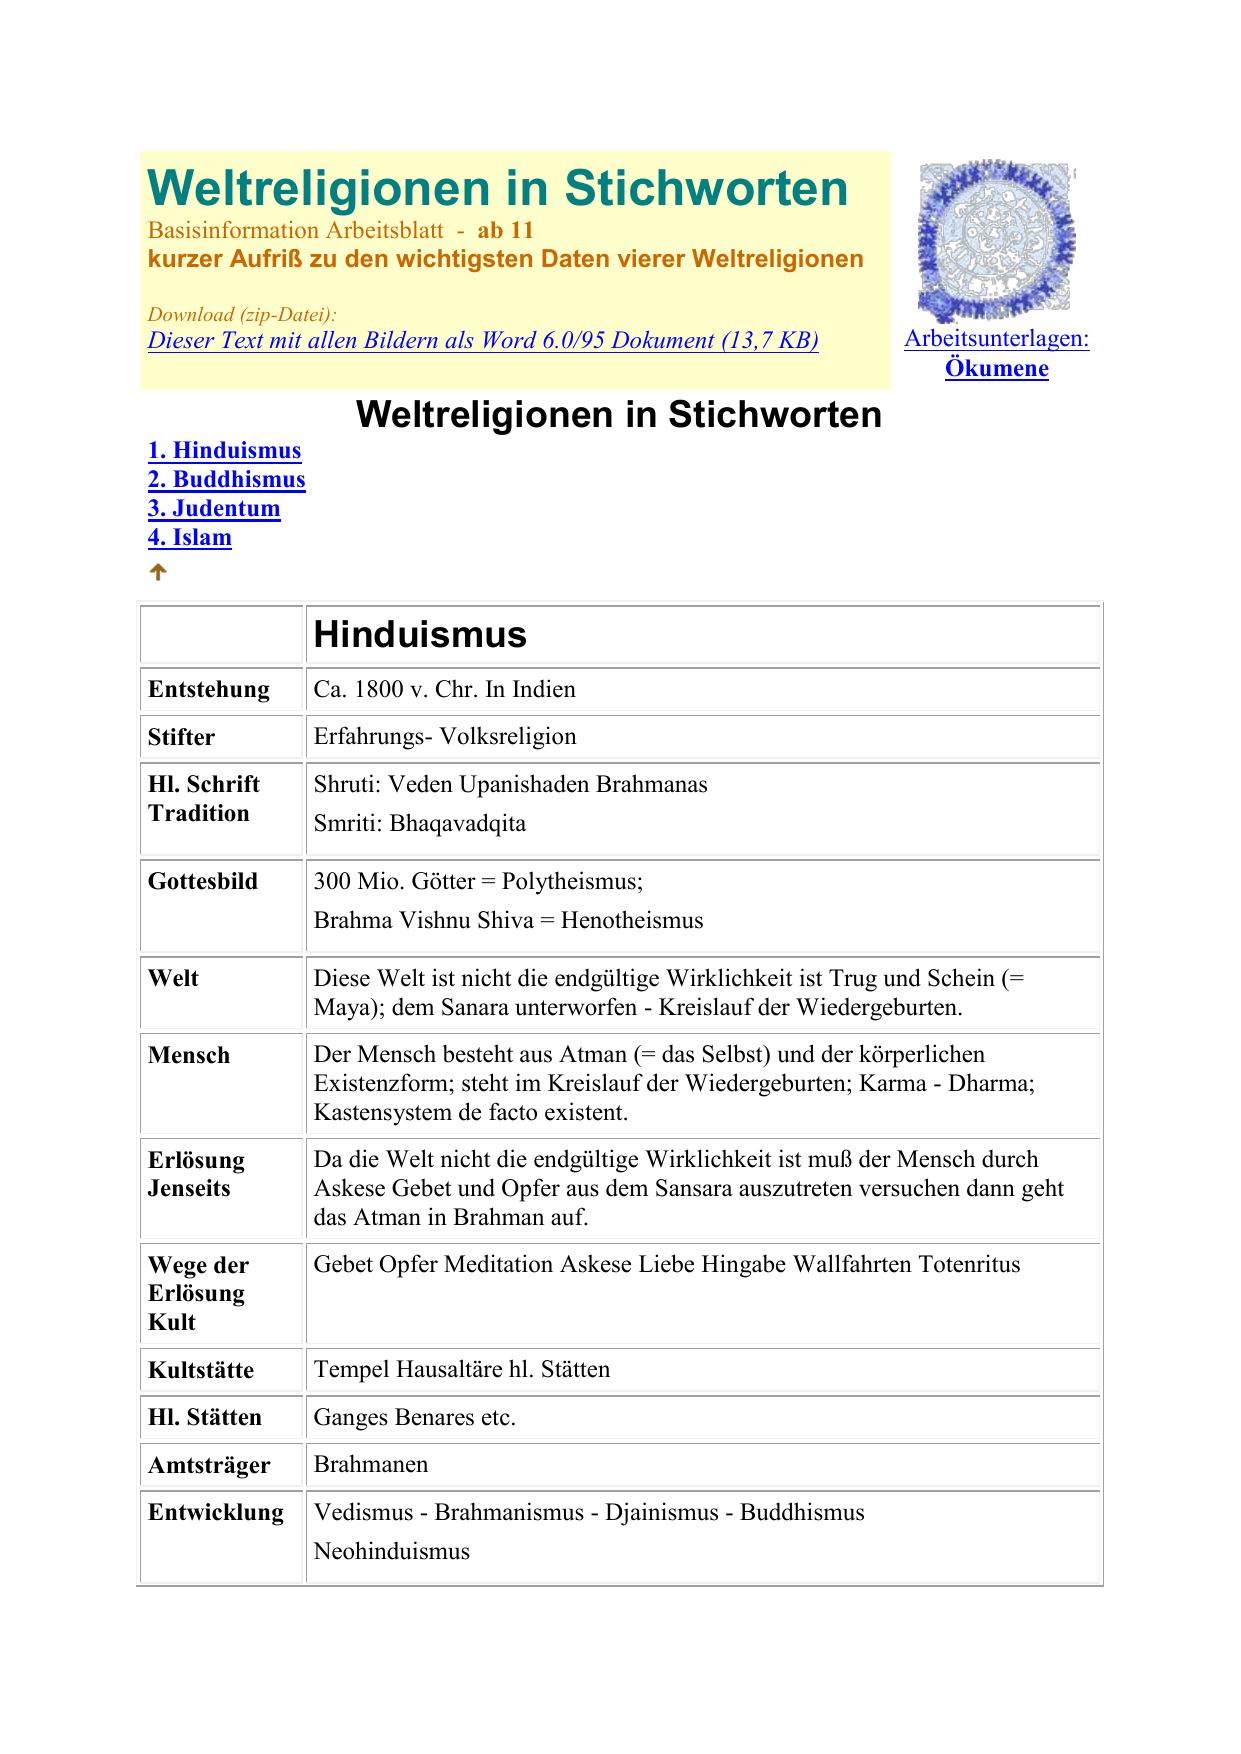 Weltreligionen in Stichworten Basisinformation Arbeitsblatt